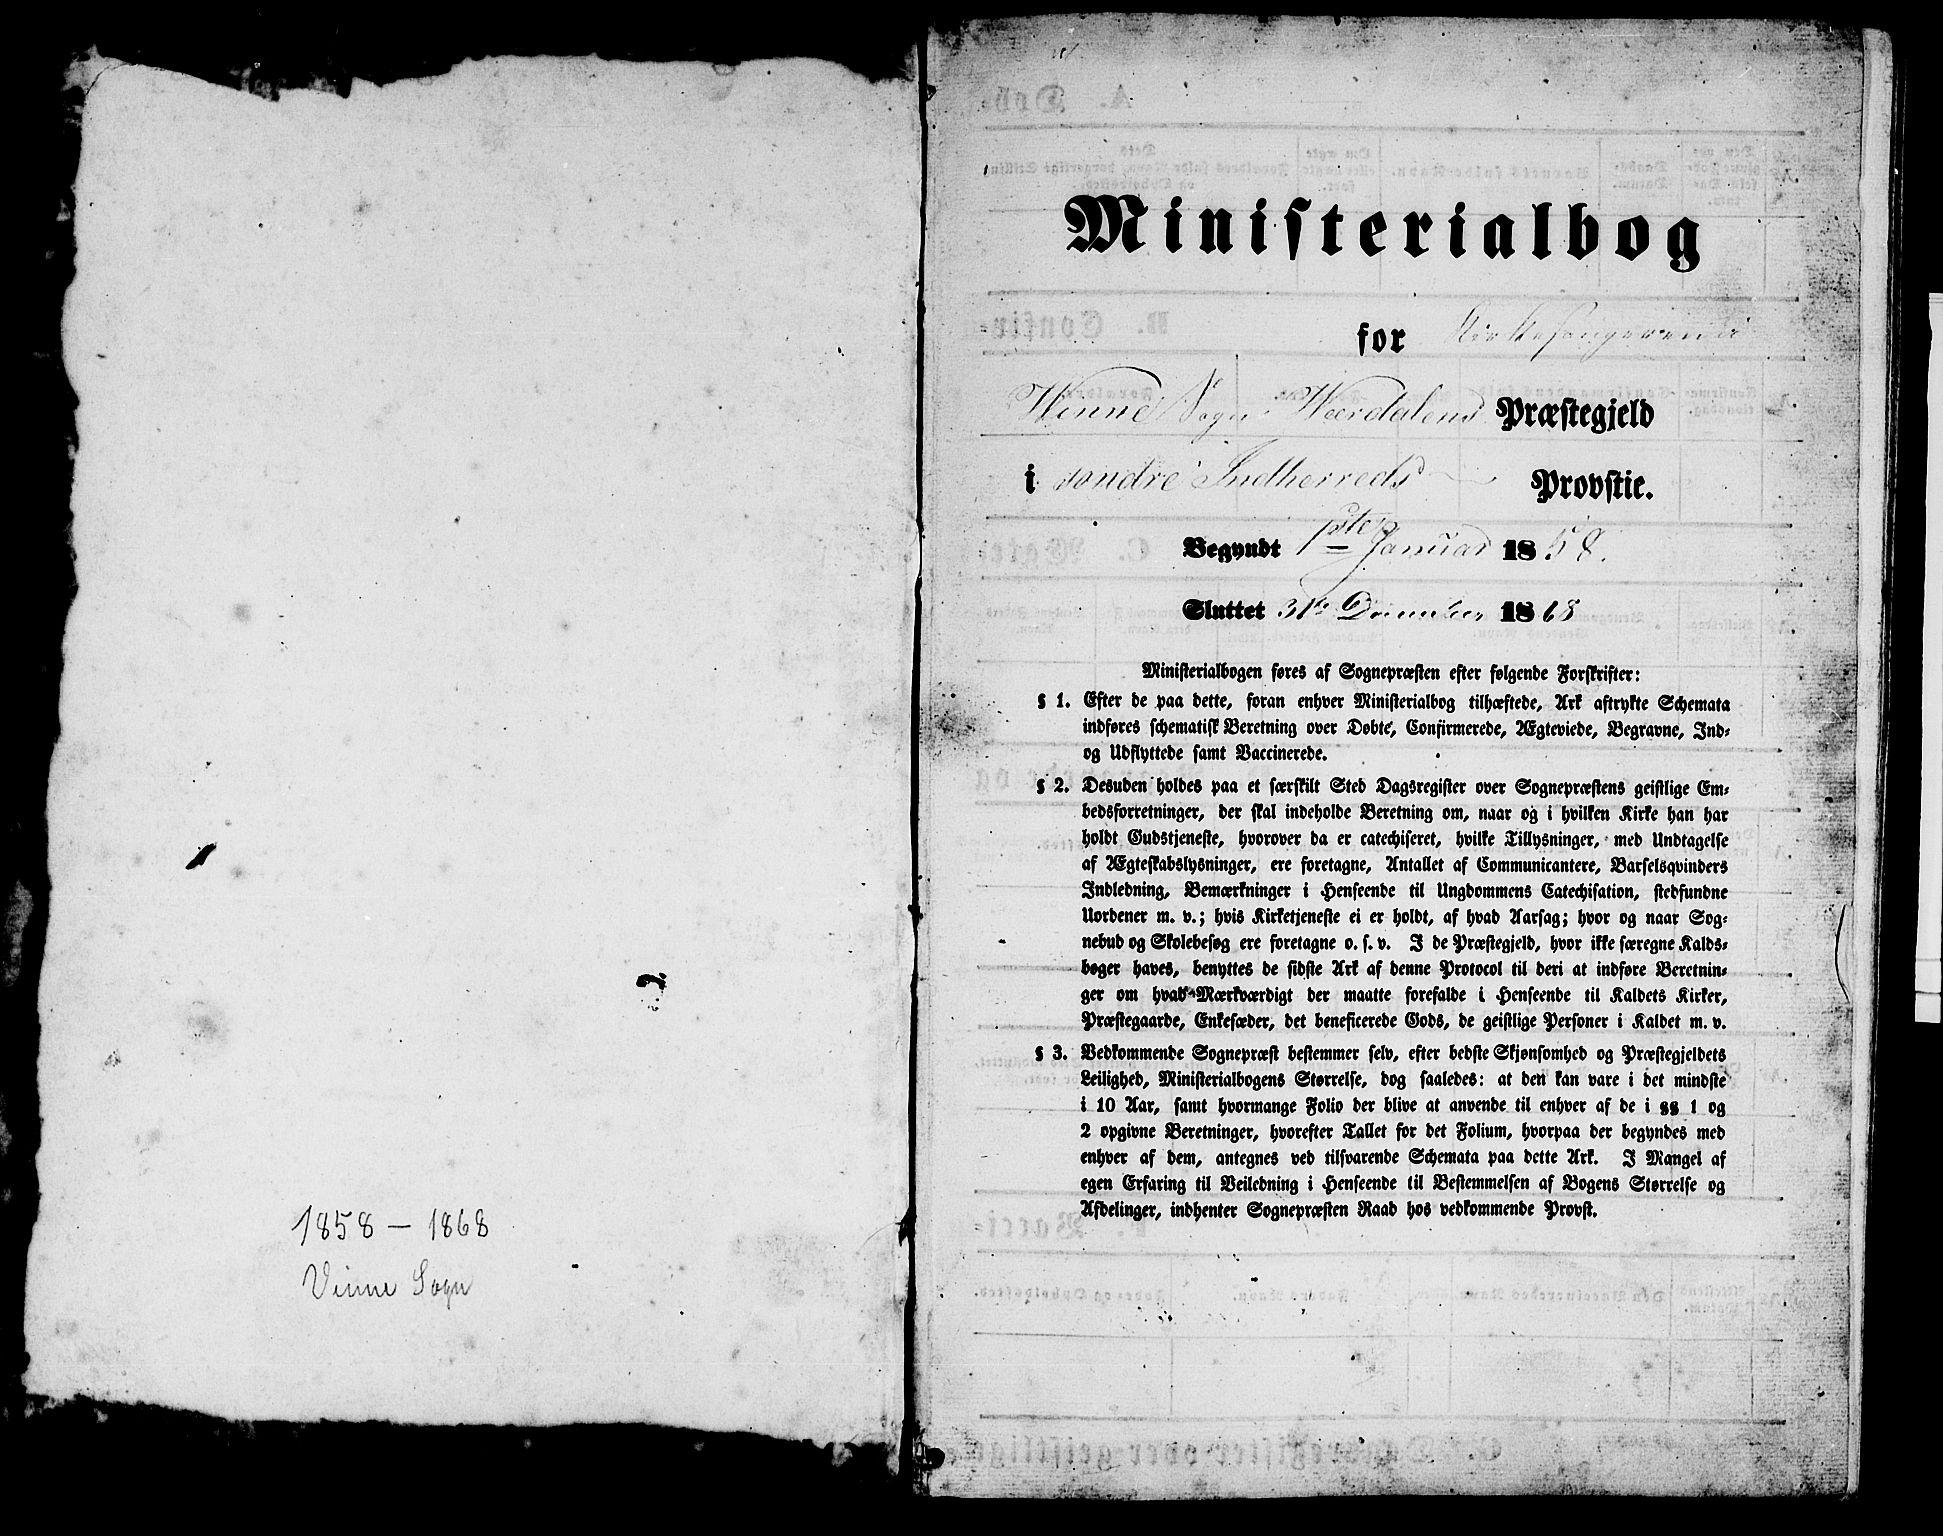 SAT, Ministerialprotokoller, klokkerbøker og fødselsregistre - Nord-Trøndelag, 726/L0270: Klokkerbok nr. 726C01, 1858-1868